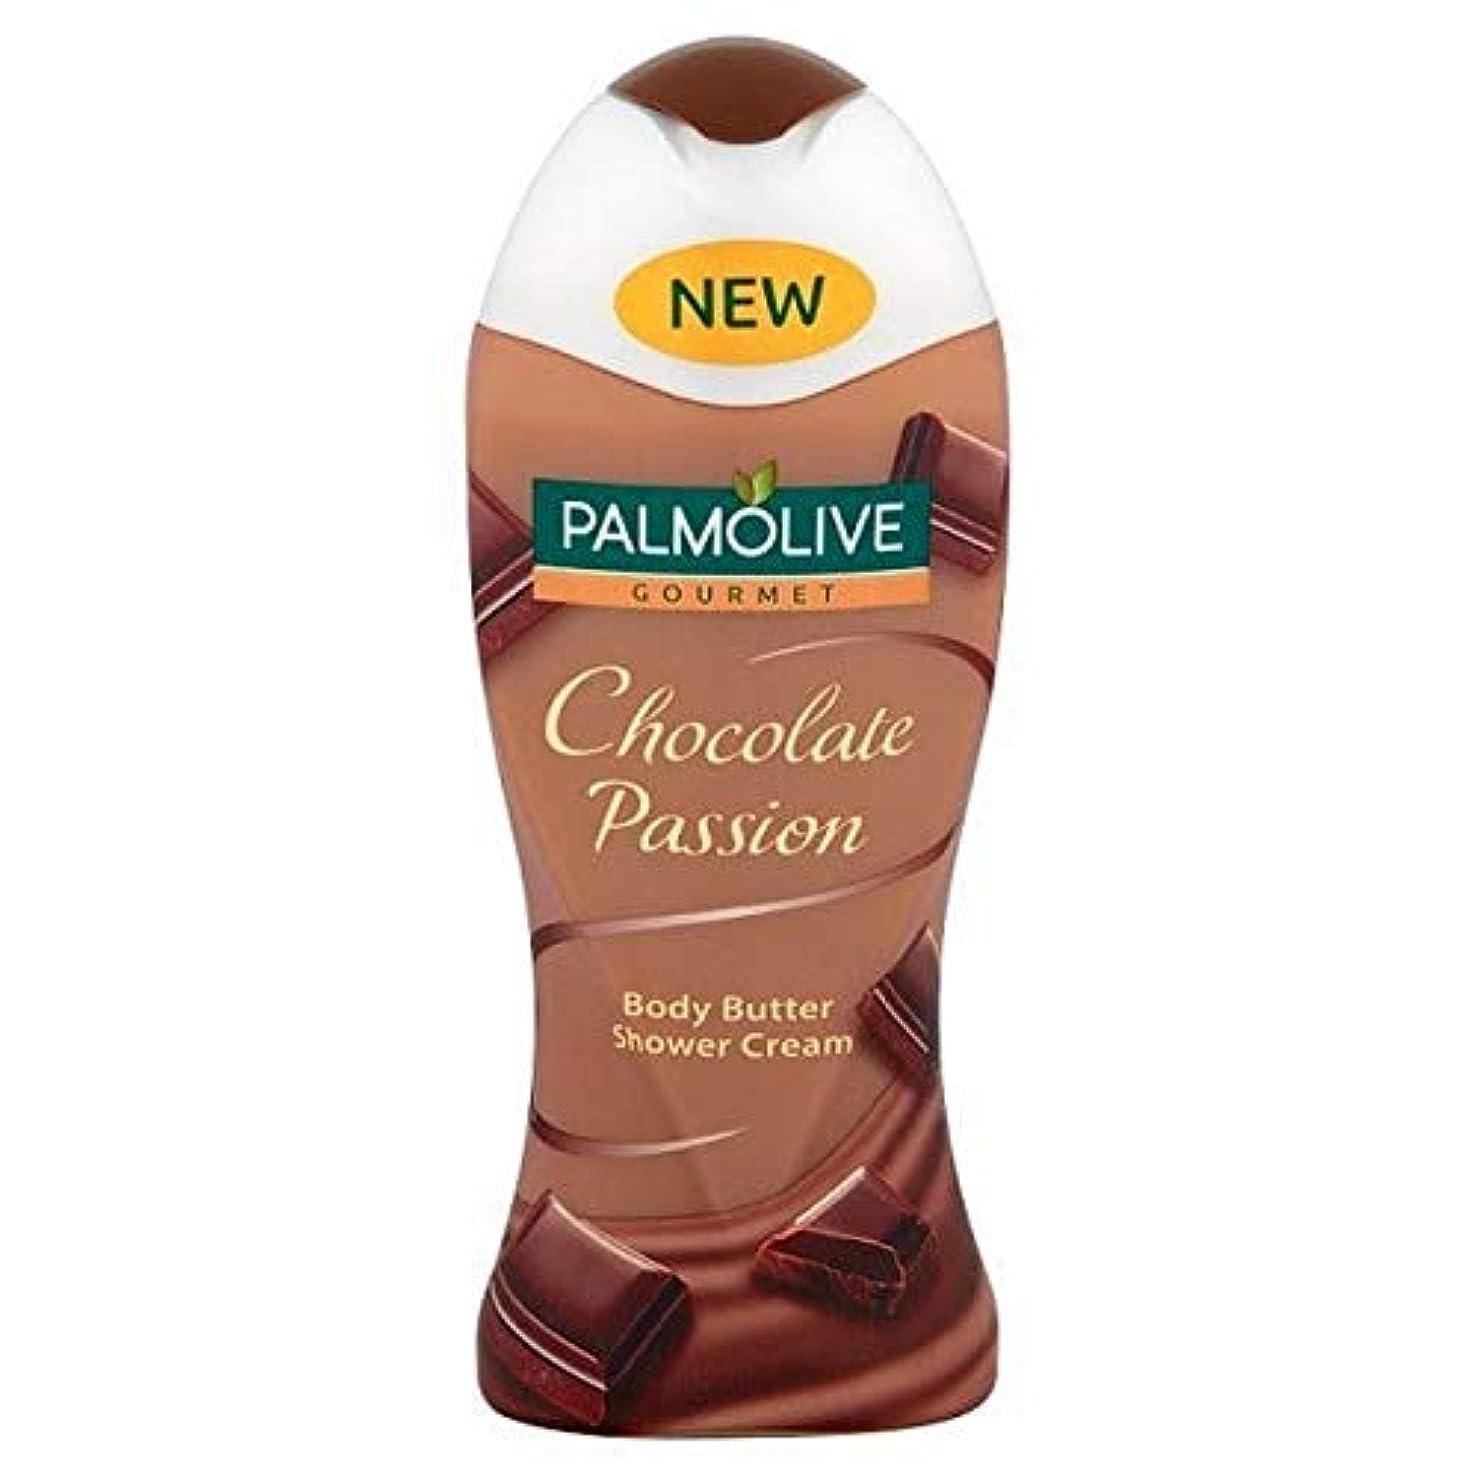 熟練した暴力いろいろ[Palmolive ] パルモグルメチョコレートパッションシャワージェル250ミリリットル - Palmolive Gourmet Chocolate Passion Shower Gel 250ml [並行輸入品]